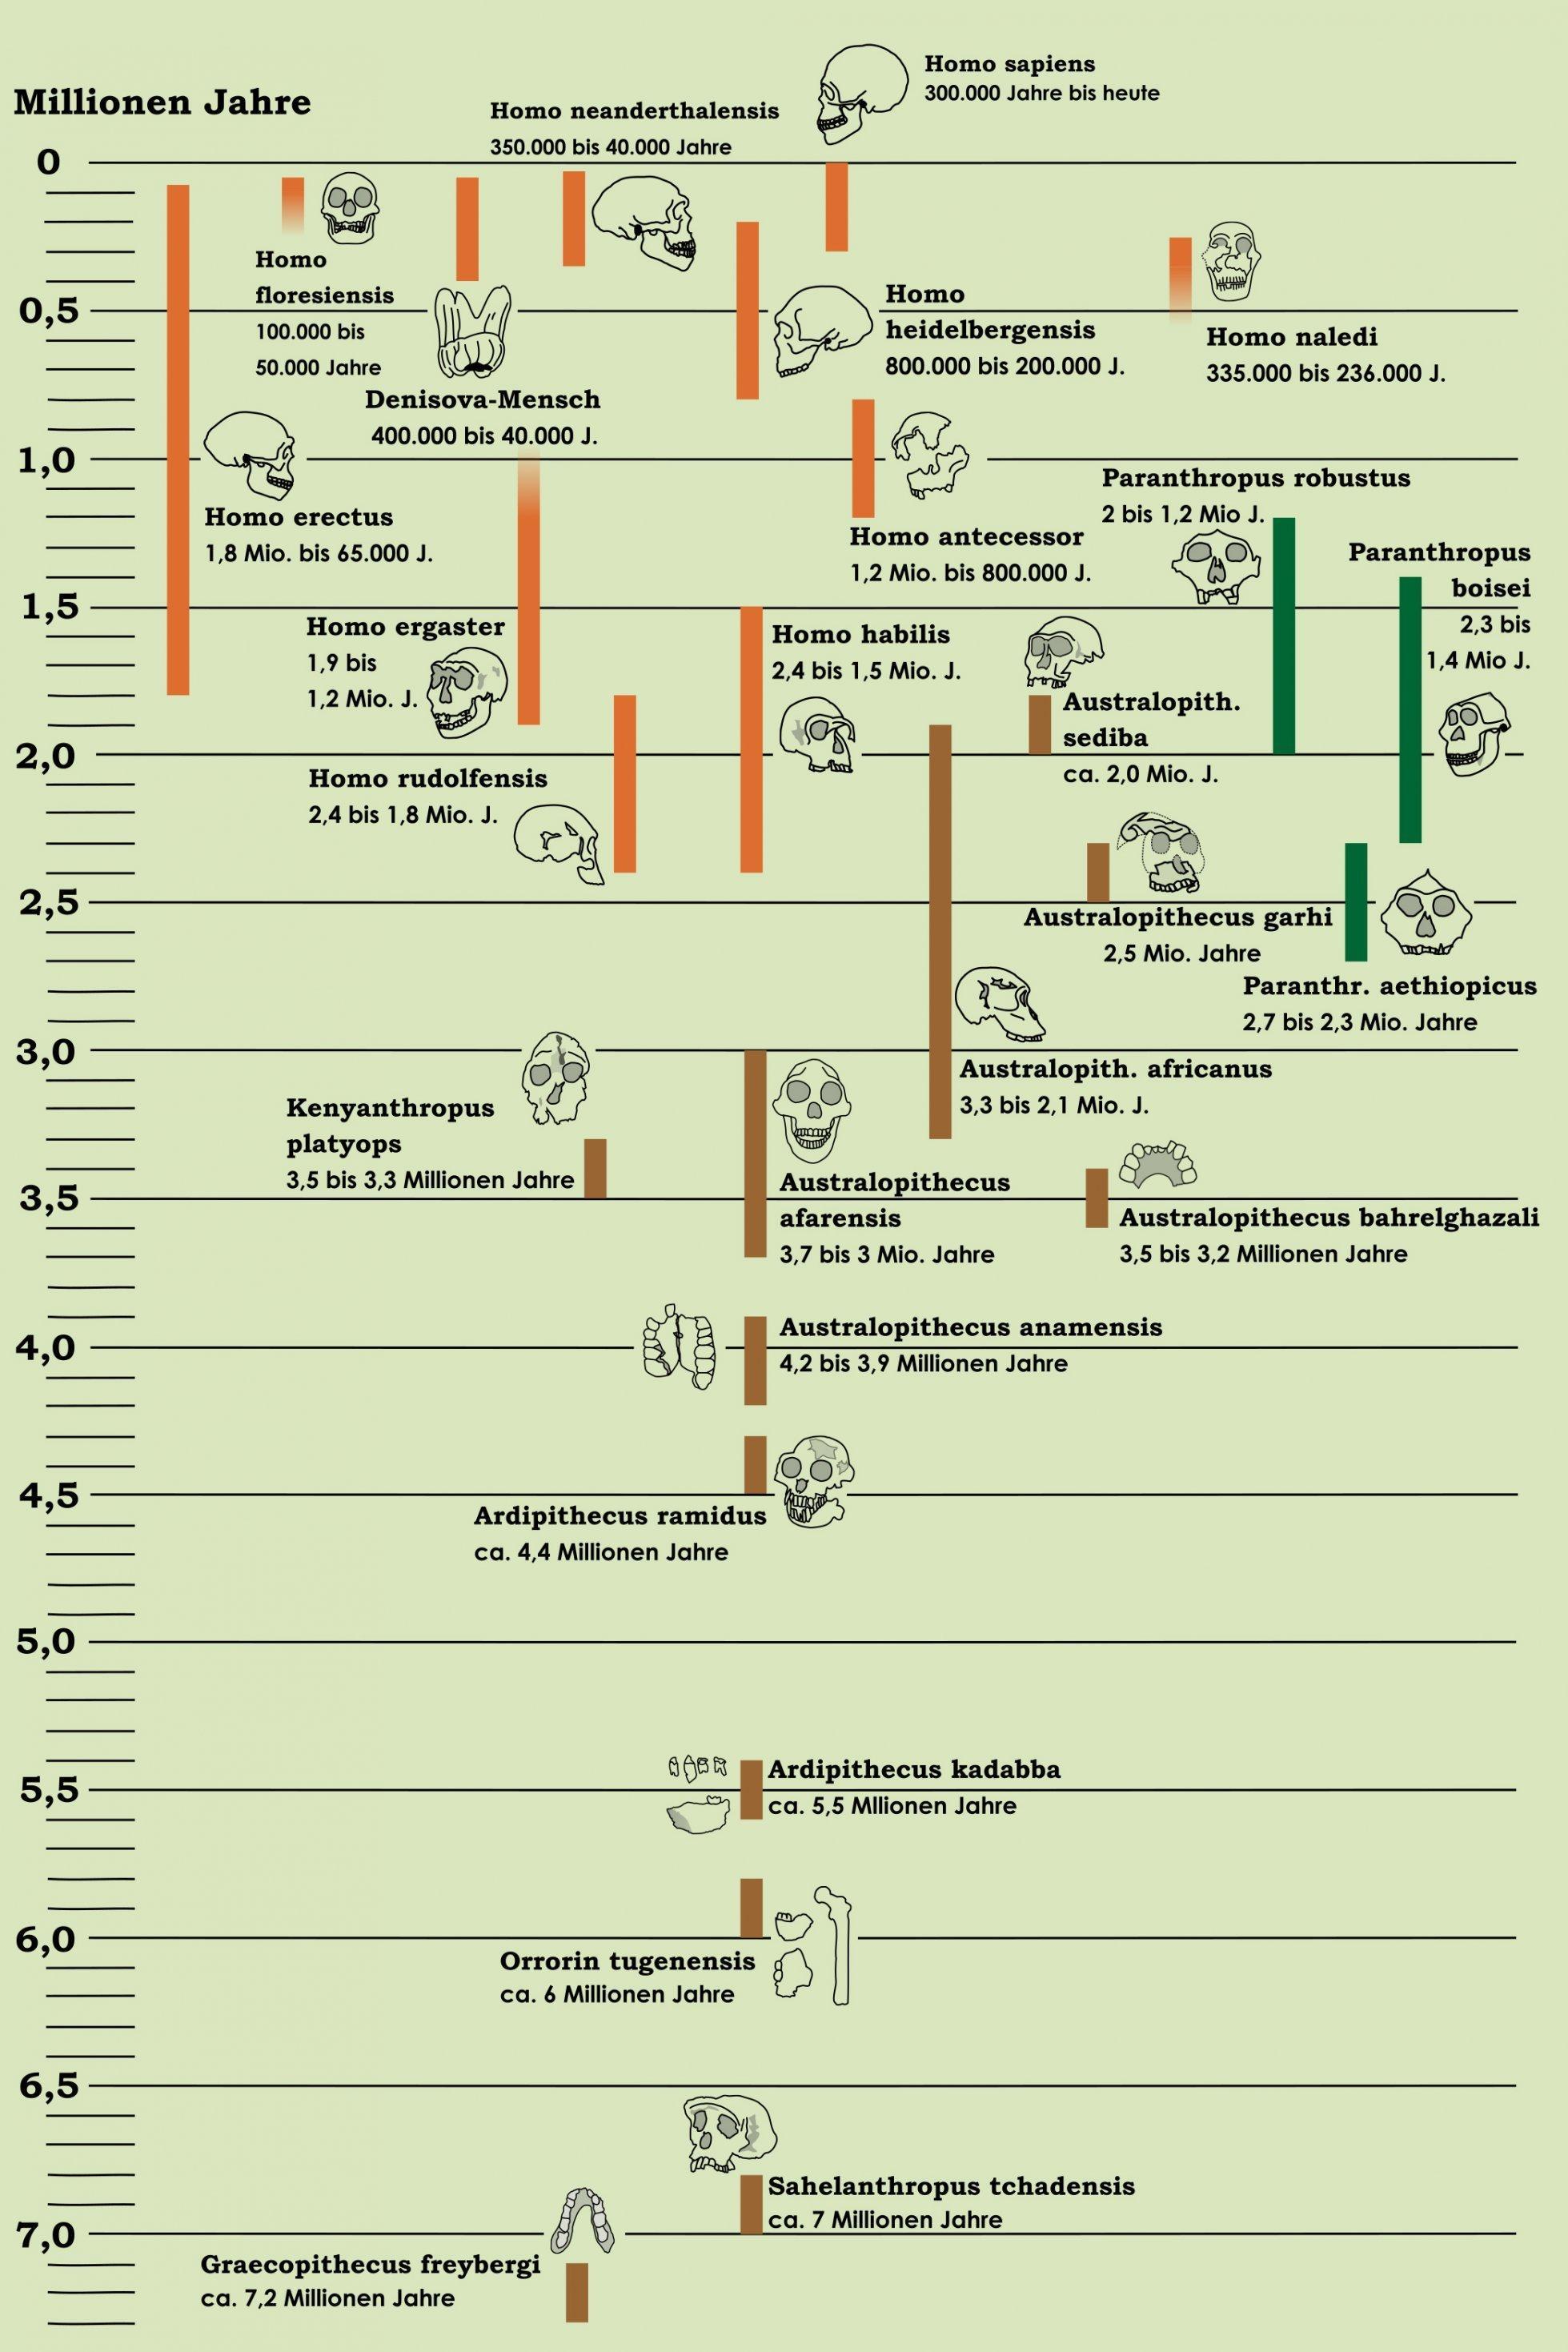 Die Grafik bietet eine Übersicht über die bislang bekannten Urmenschen und menschlichen Ahnen. Sie ist als Stammbaum der Menschheit vor hellgrünem Hintergrund angelegt und die verschiedenen Ahnen sind als Strichzeichnungen der gefundenen Fossilien – meist Schädel – dargestellt. In der Senkrechten verläuft die Zeitebene, die oben mit der Gegenwart beginnt und unten bei rund sieben Millionen Jahren endet. Senkrechte Balkendarstellungen neben den Fossilien geben zudem an, von wann bis wann eine Art existiert hat.